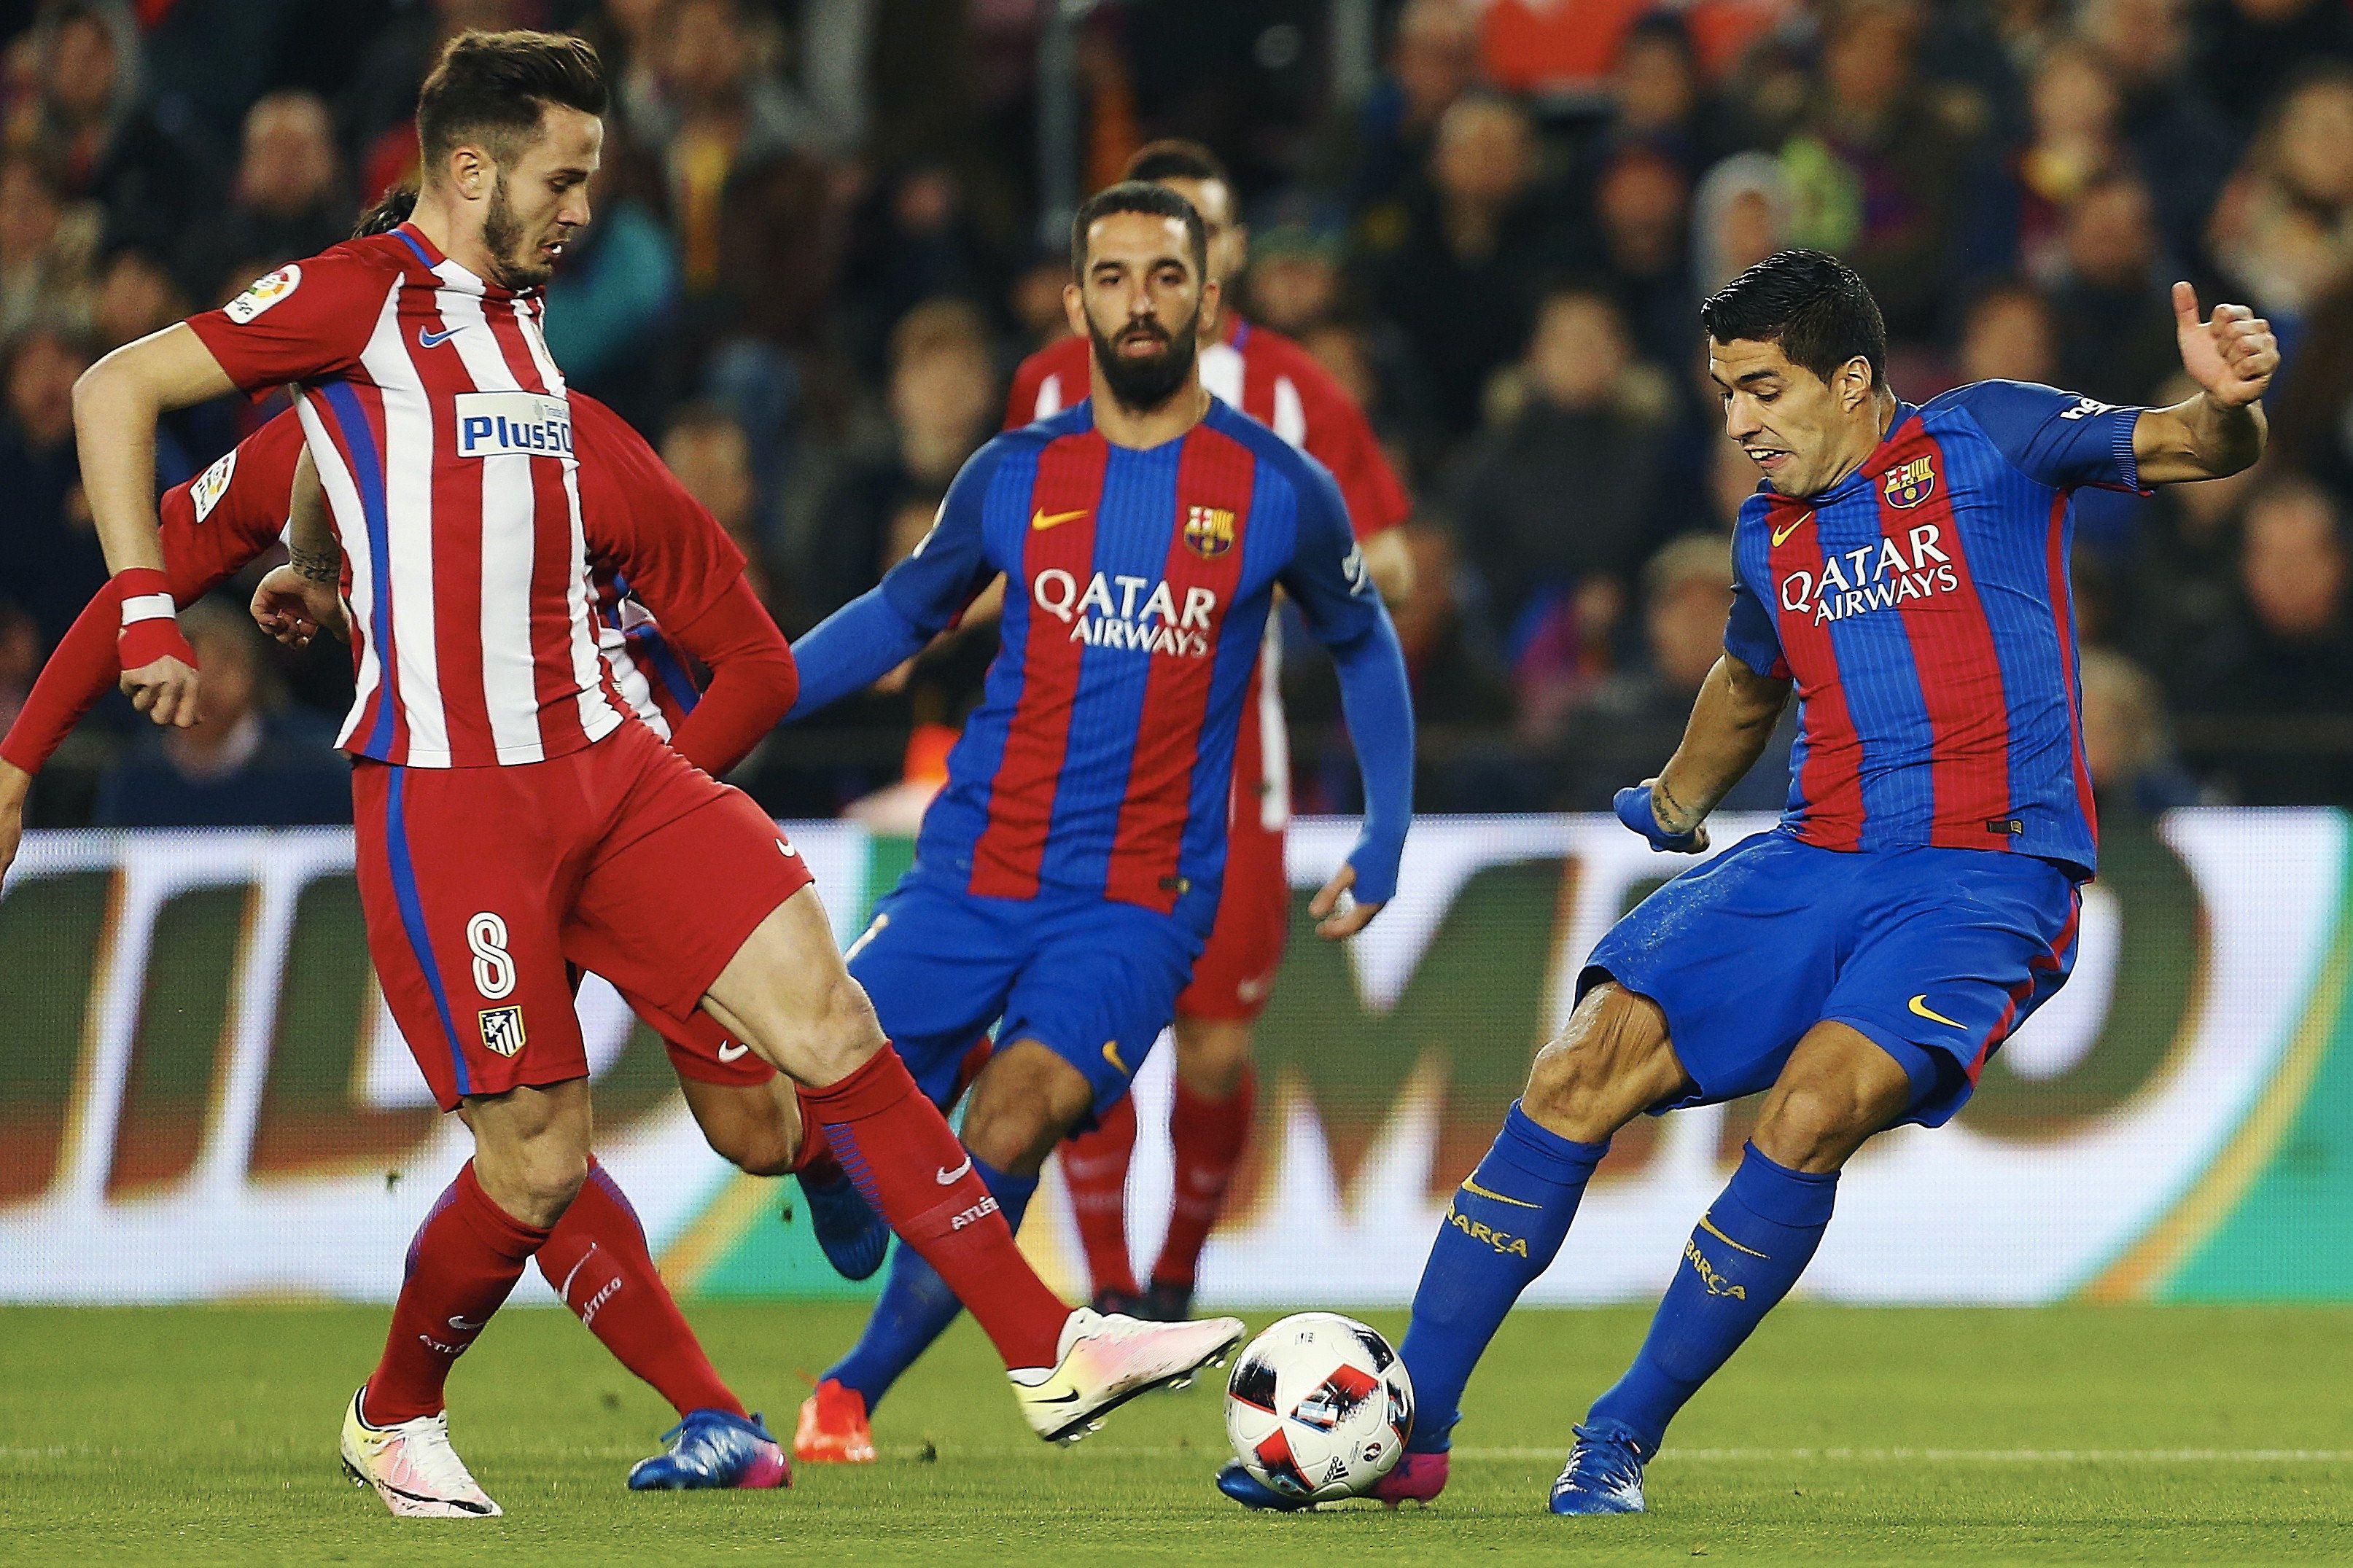 Barcelona busca el pase a la final de la Copa del Rey